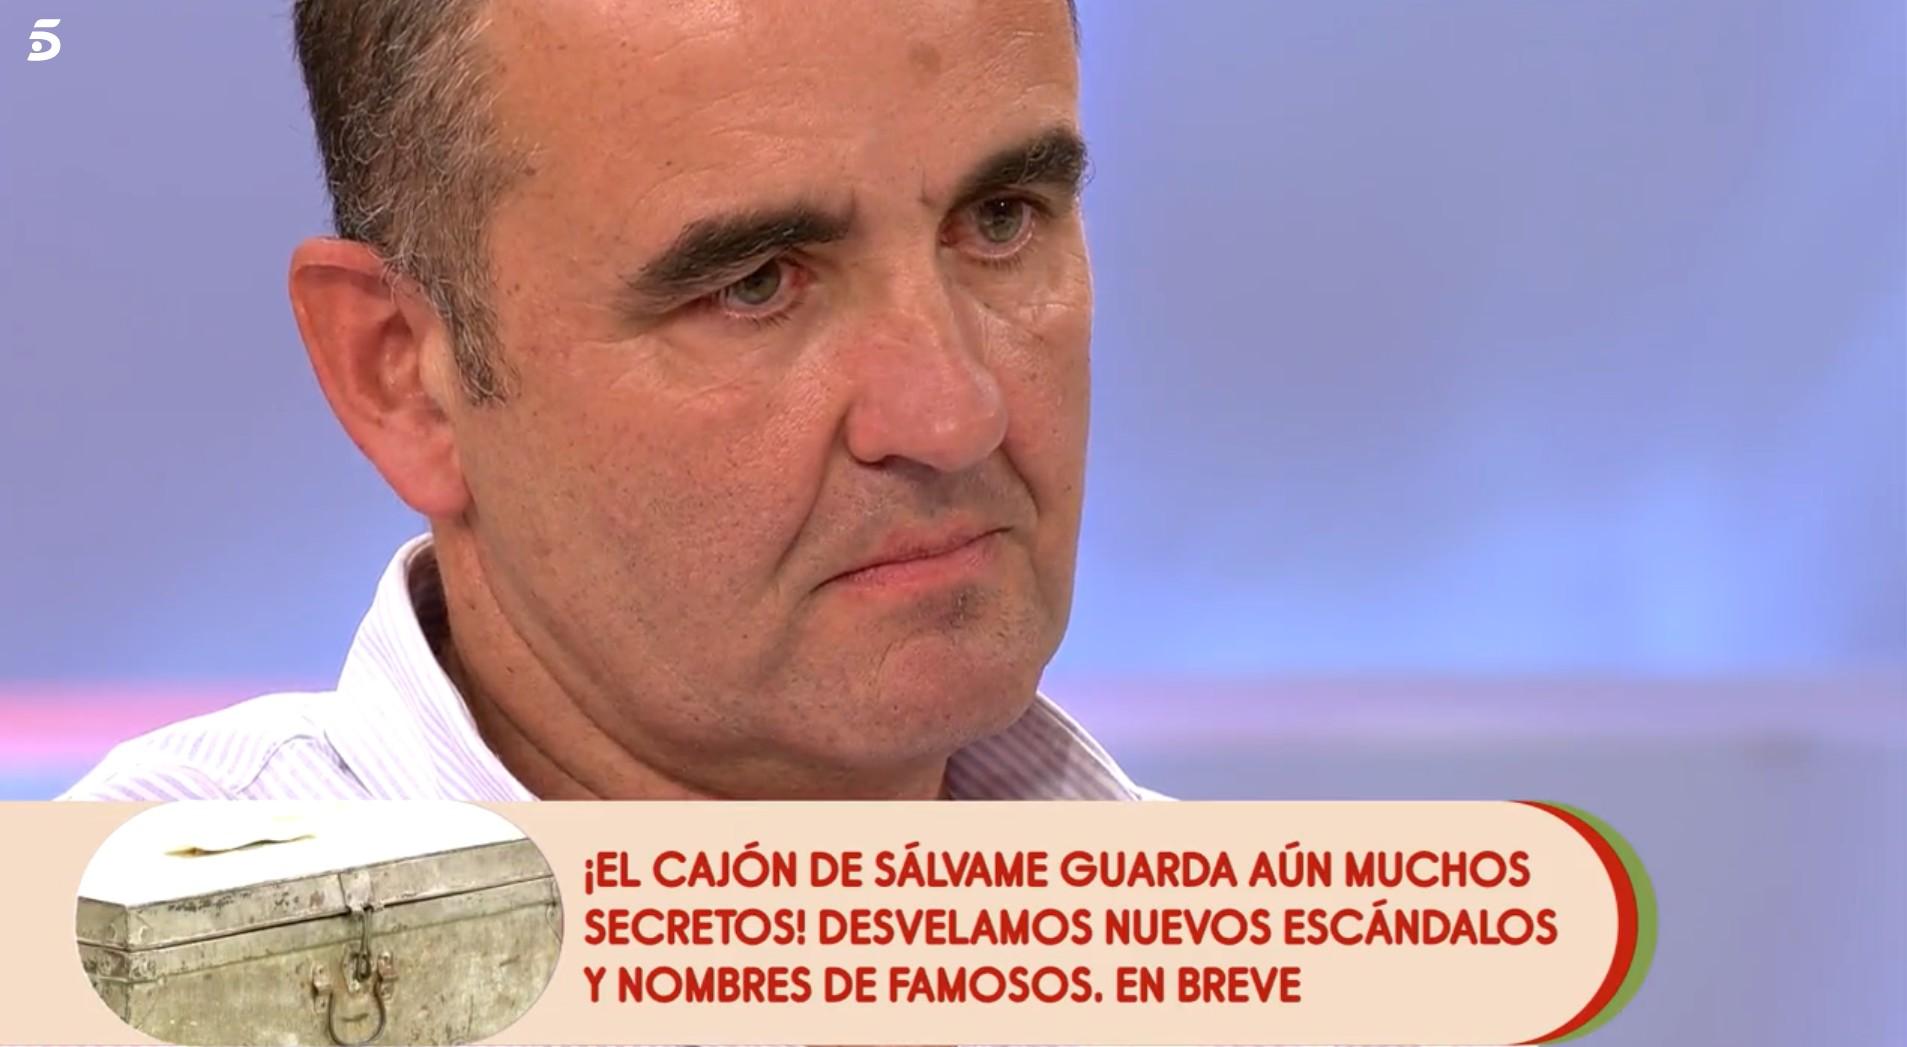 antonio-montero-caso-ylenia.jpg